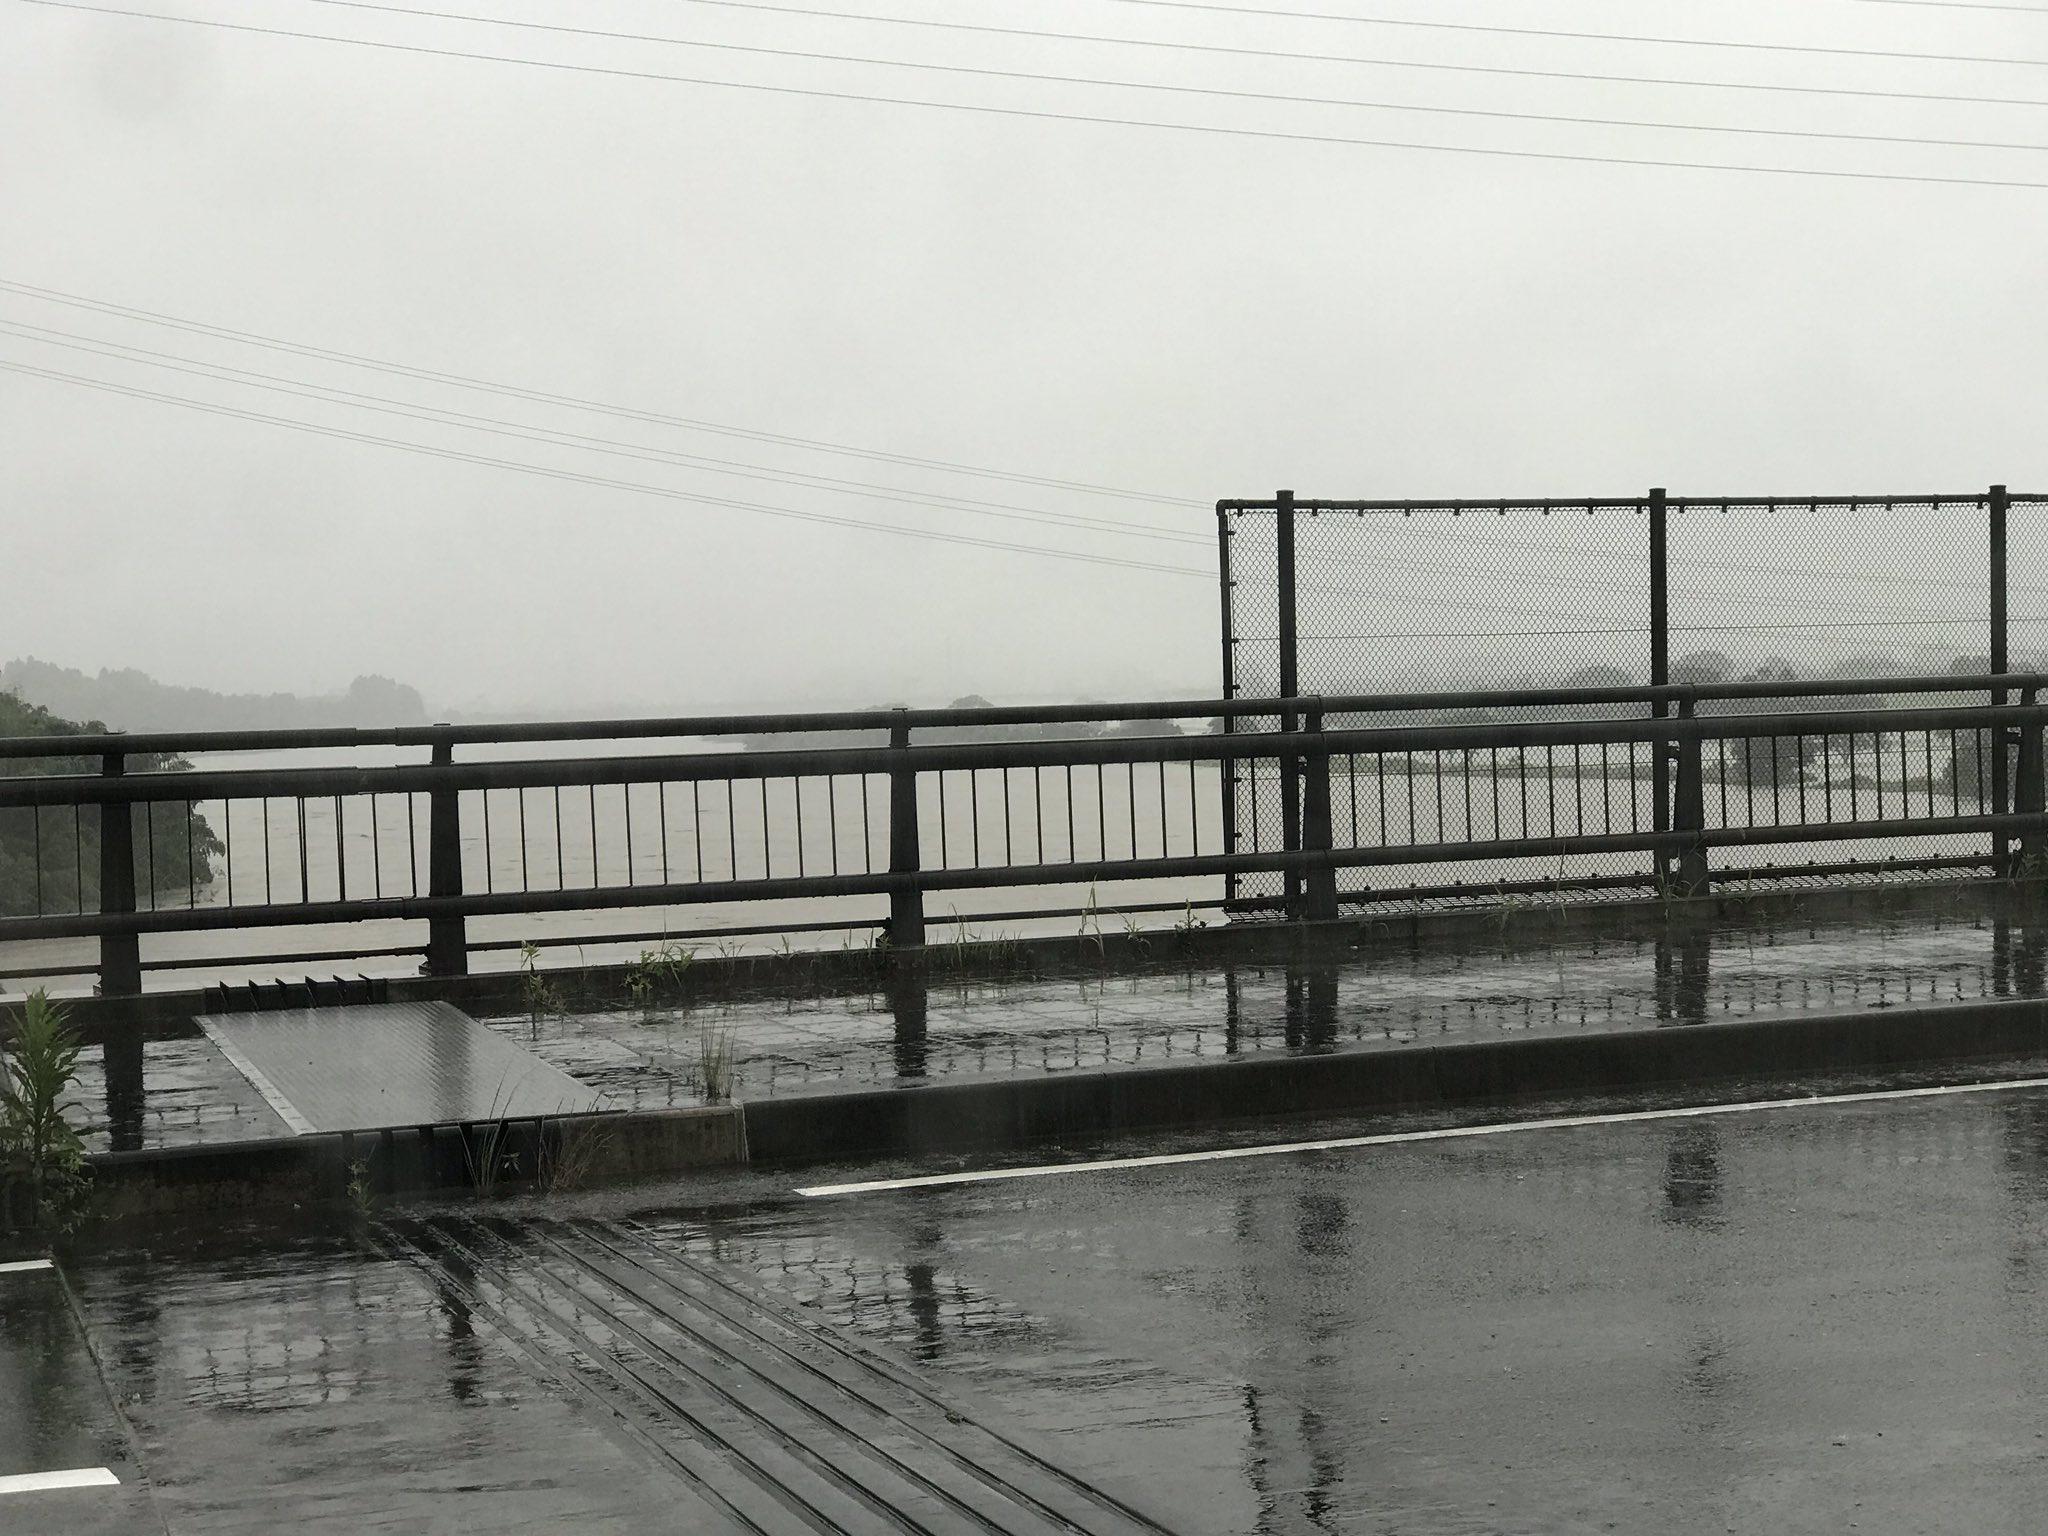 画像,今の大淀川 https://t.co/FaMkoiZKuY。